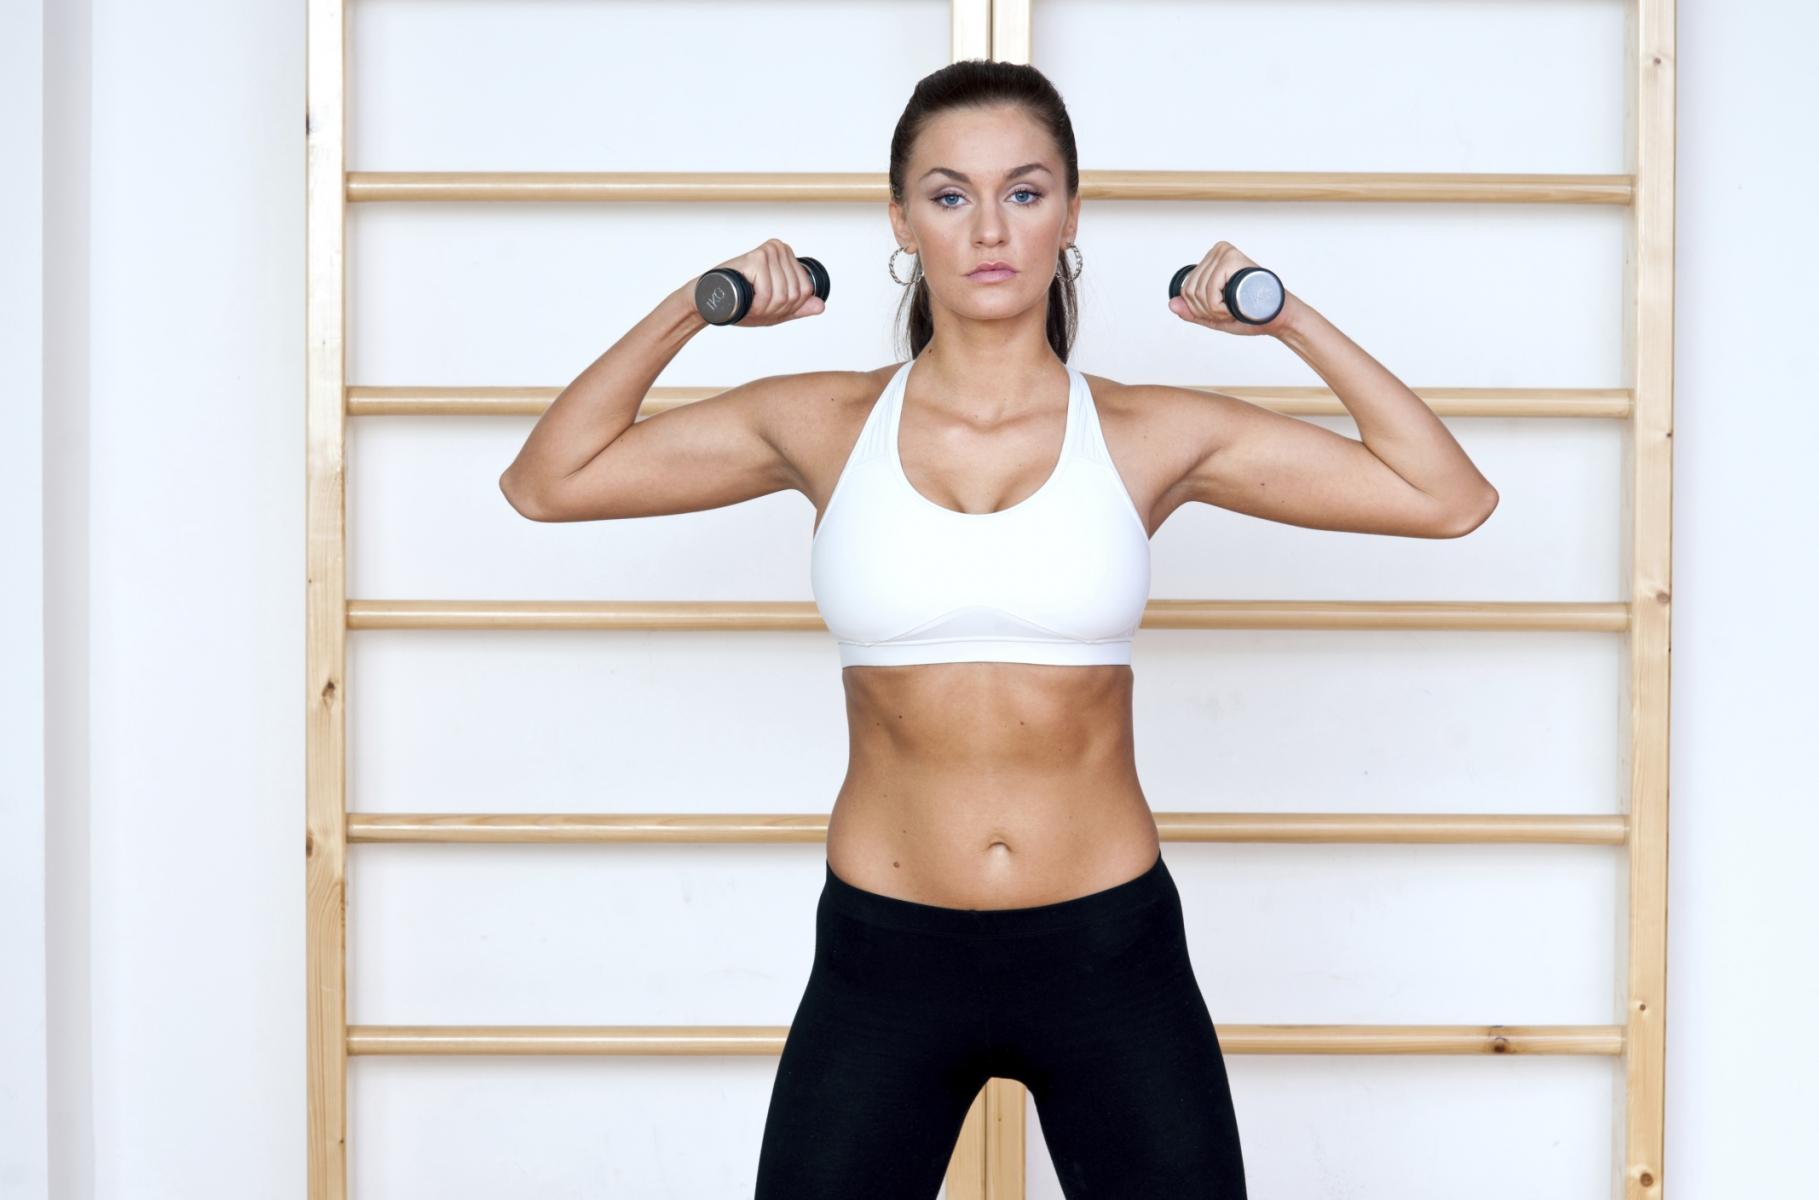 como hacer para adelgazar sin ejercicio